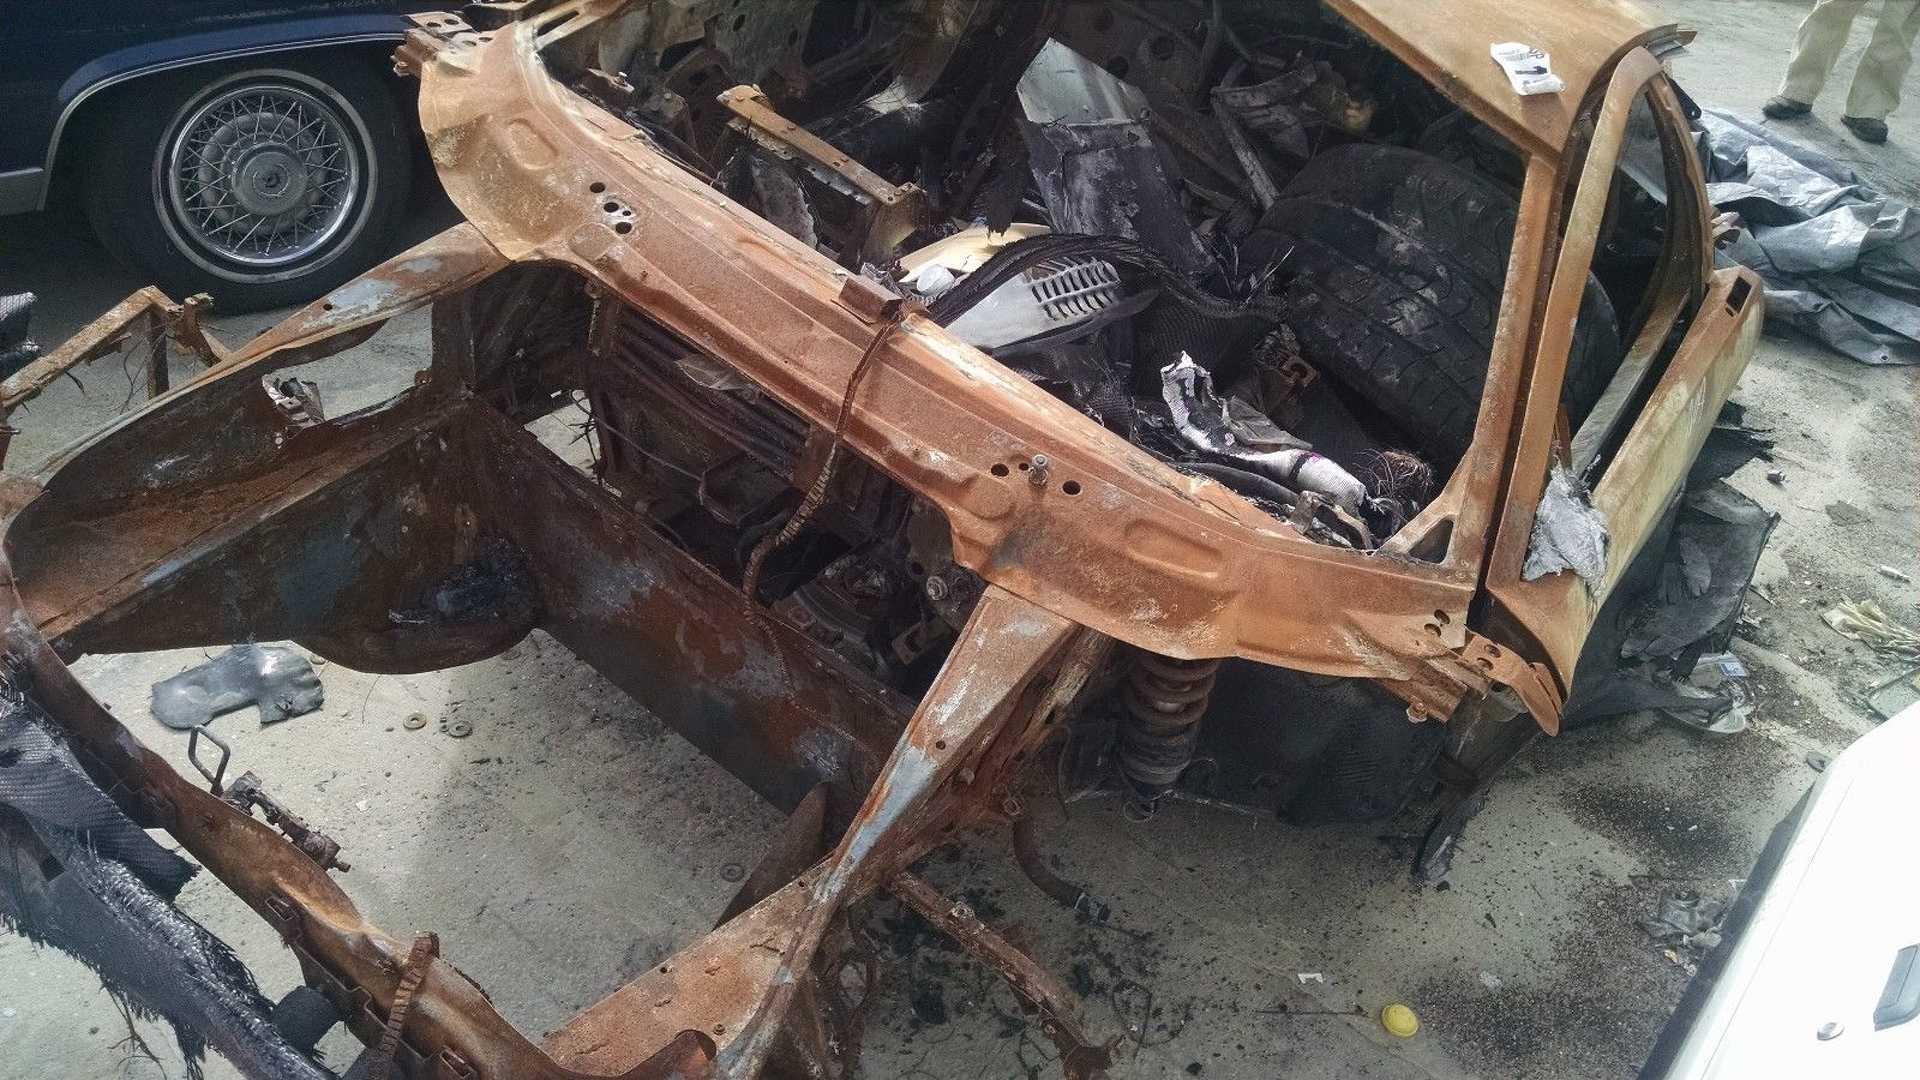 Lamborghini_Murcielago_destroyed_by_fire_02